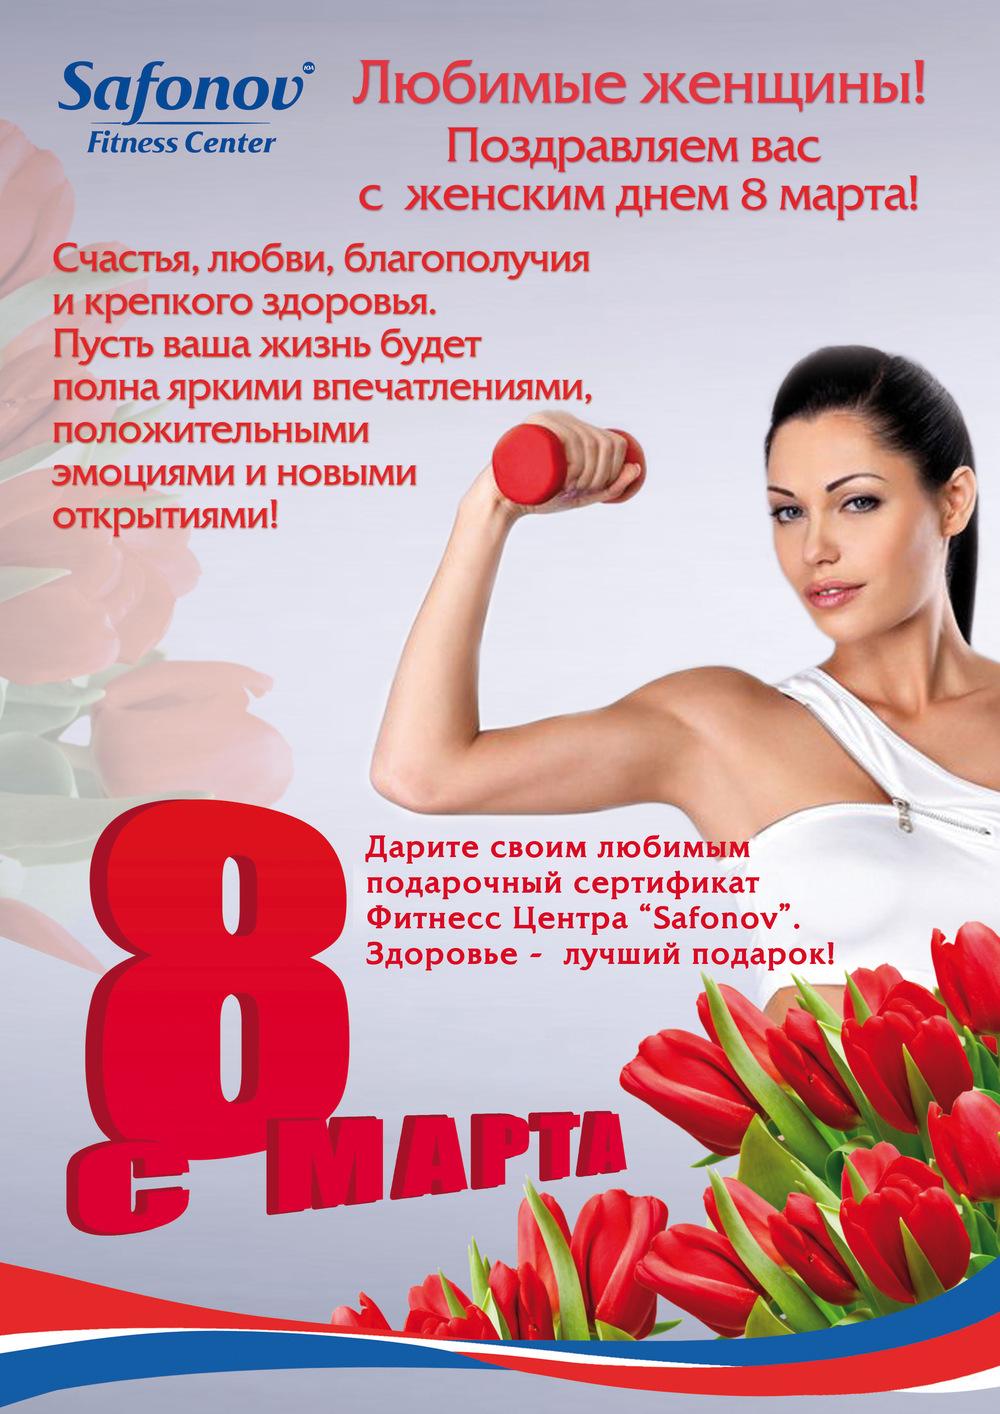 Поздравление фитнес центру